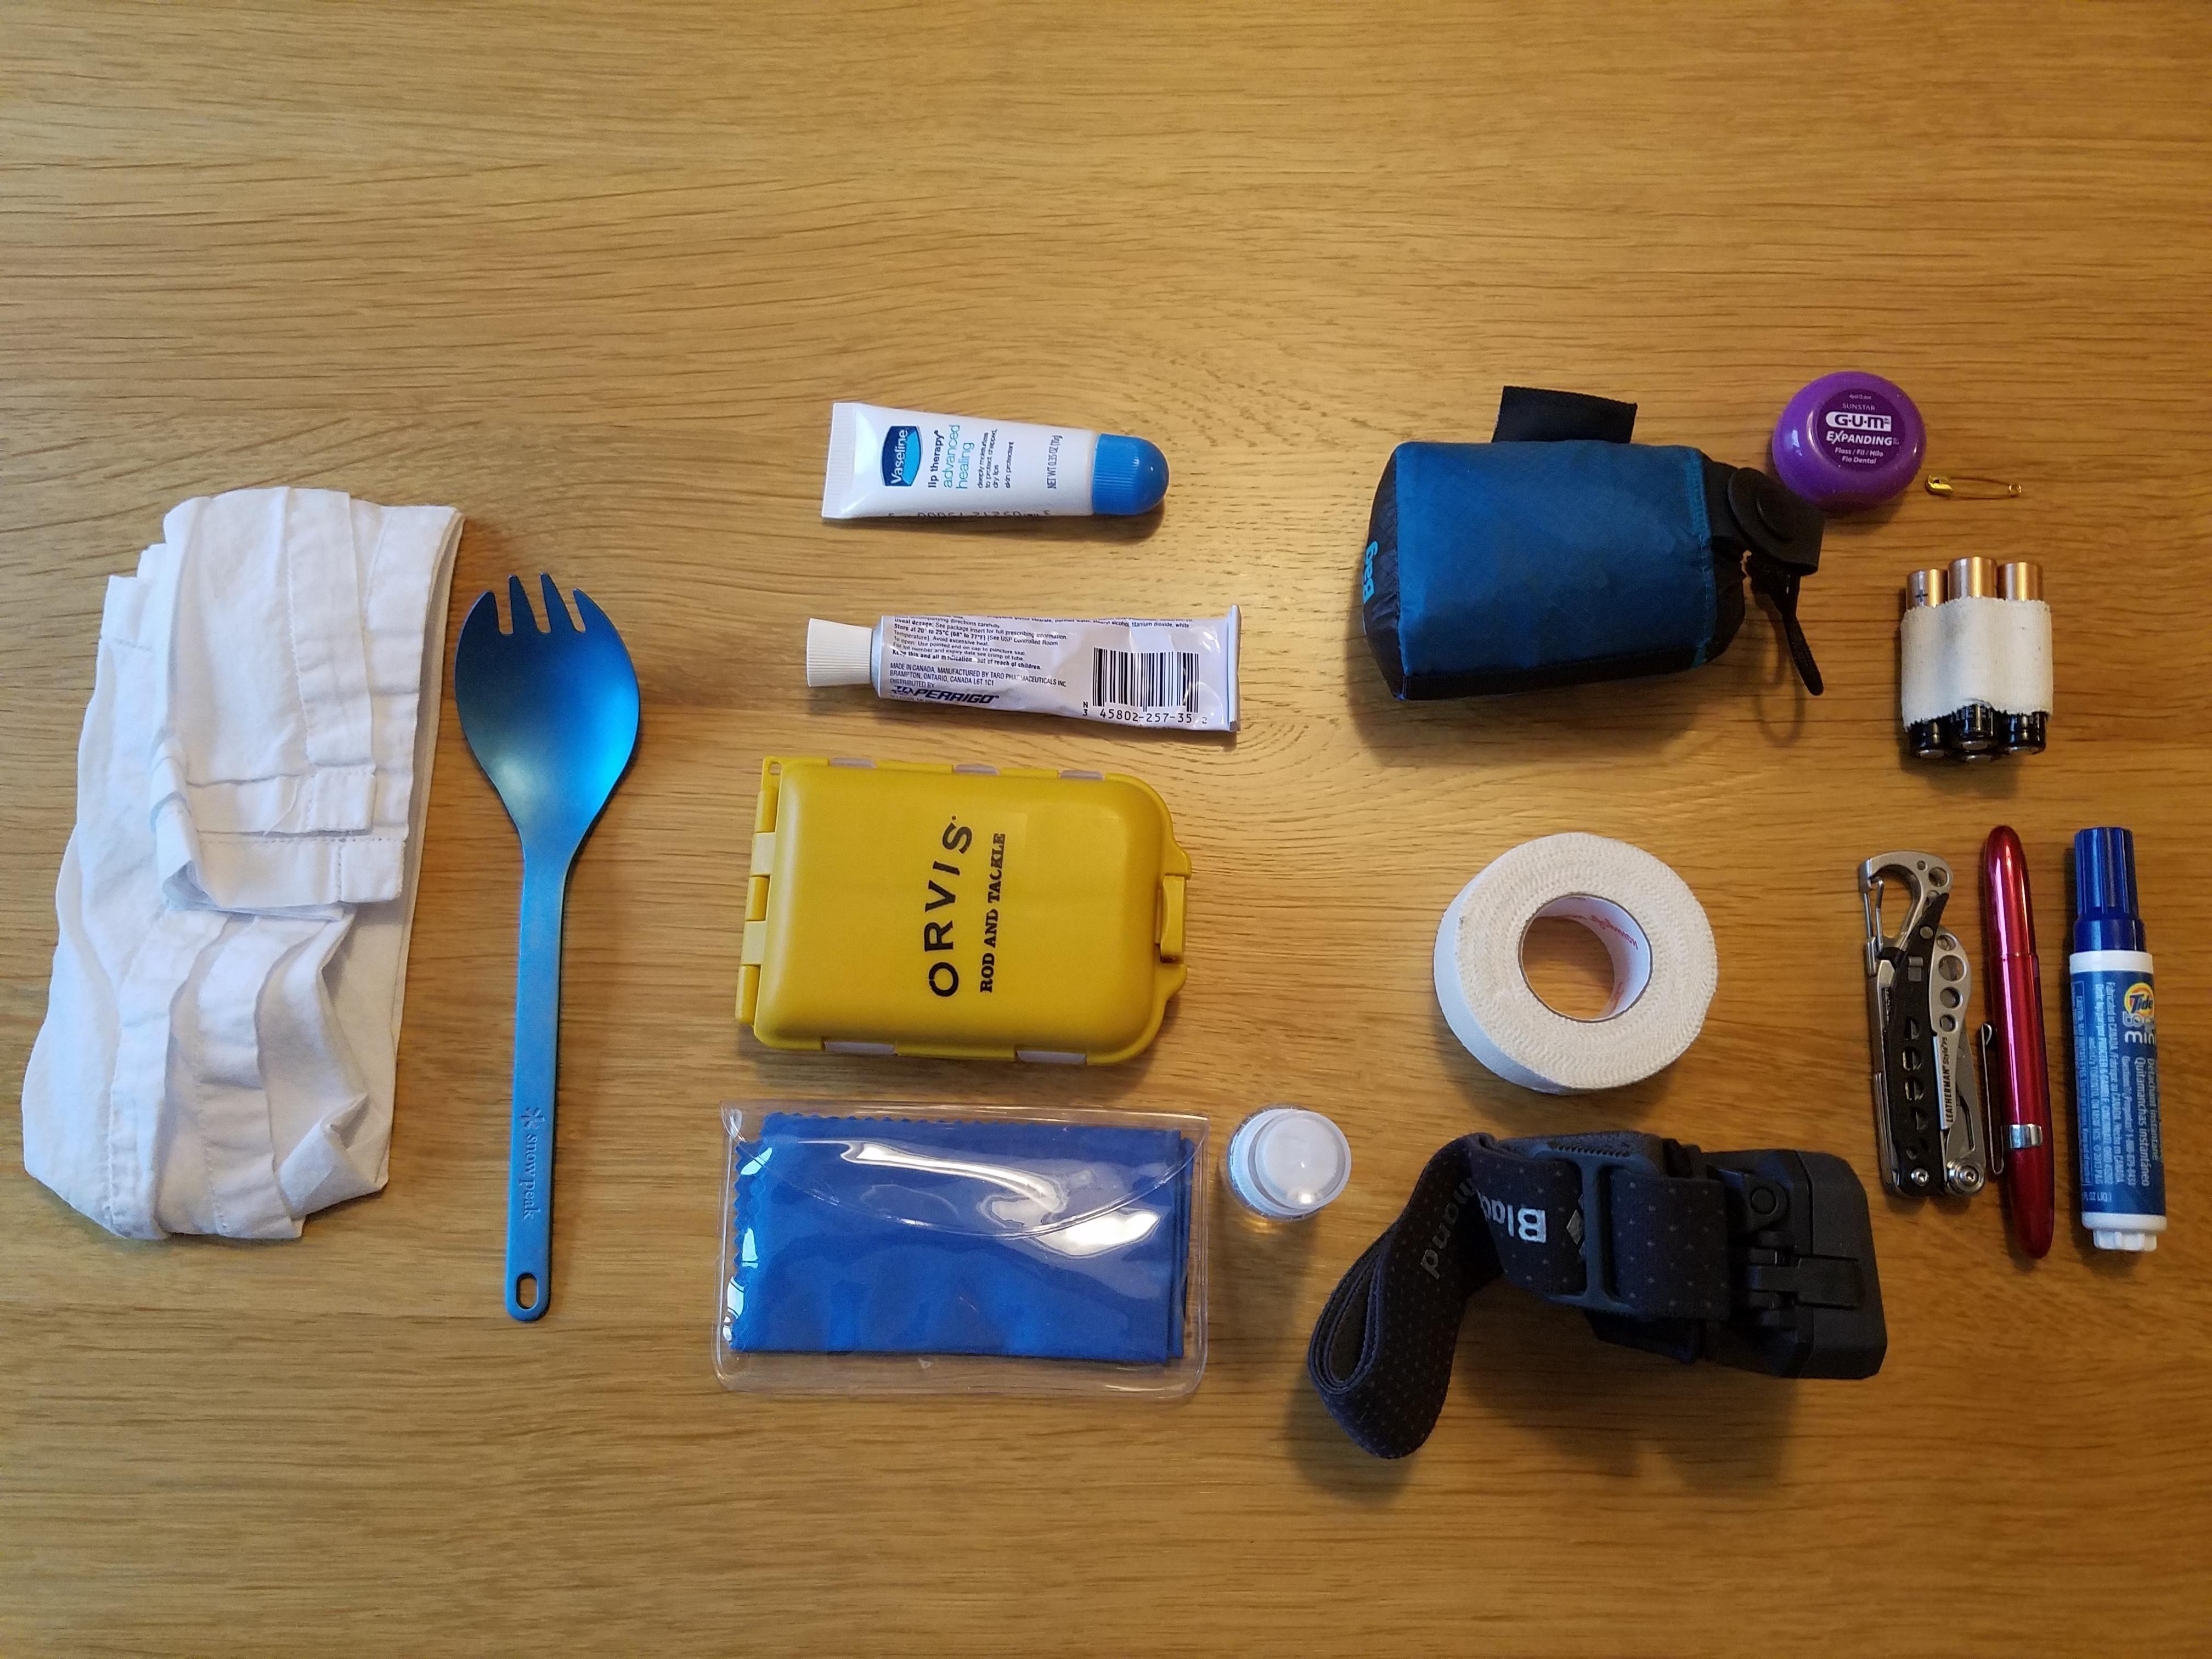 My travel kit onebag travel kits my travel